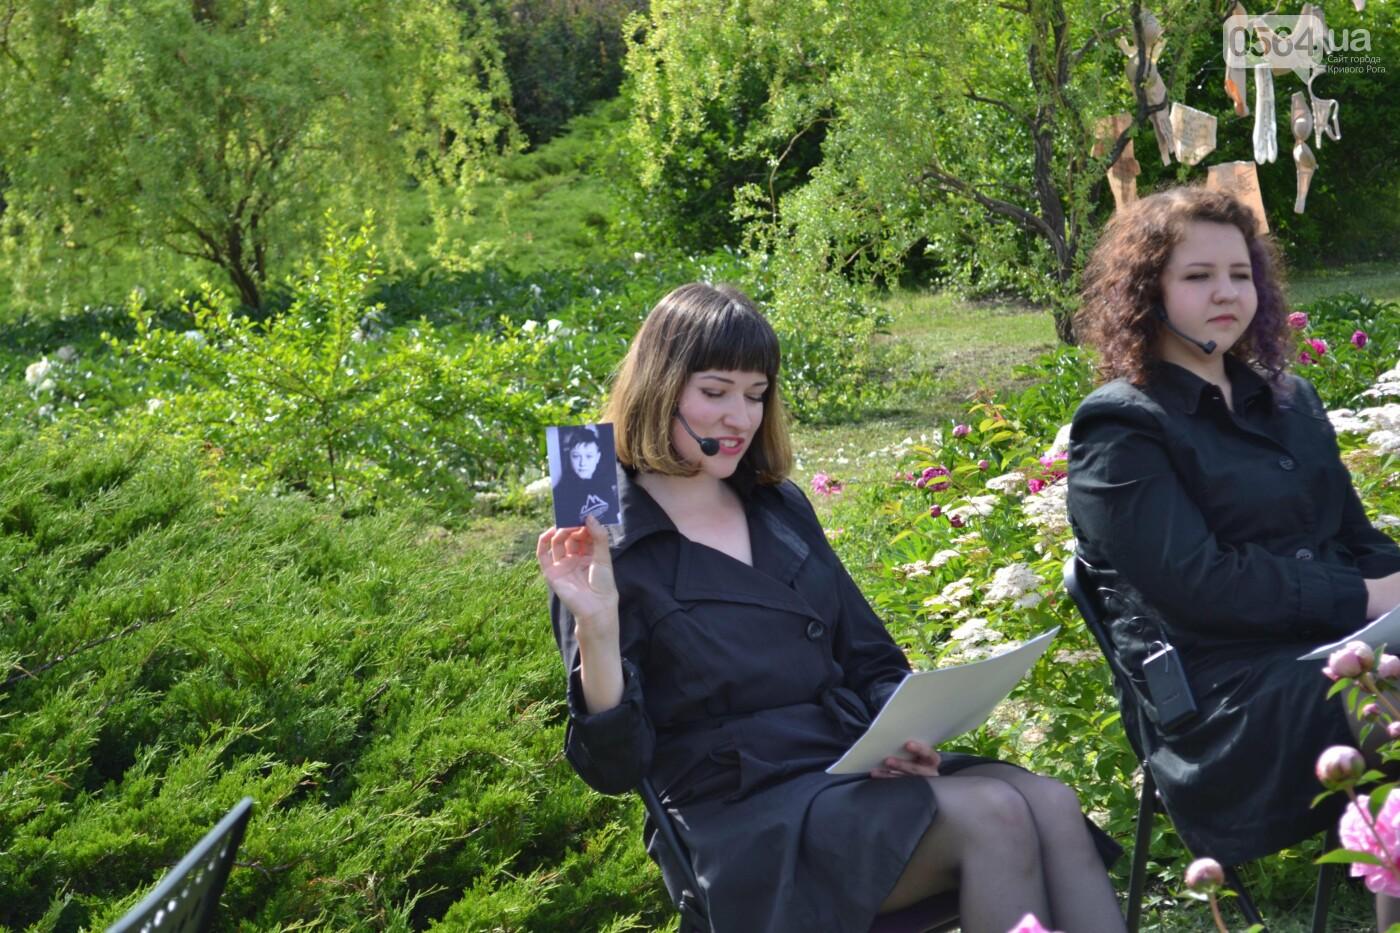 О чем она молчит: в Криворожском ботаническом саду стартовал «женский»  проект, - ФОТО, ВИДЕО, фото-6